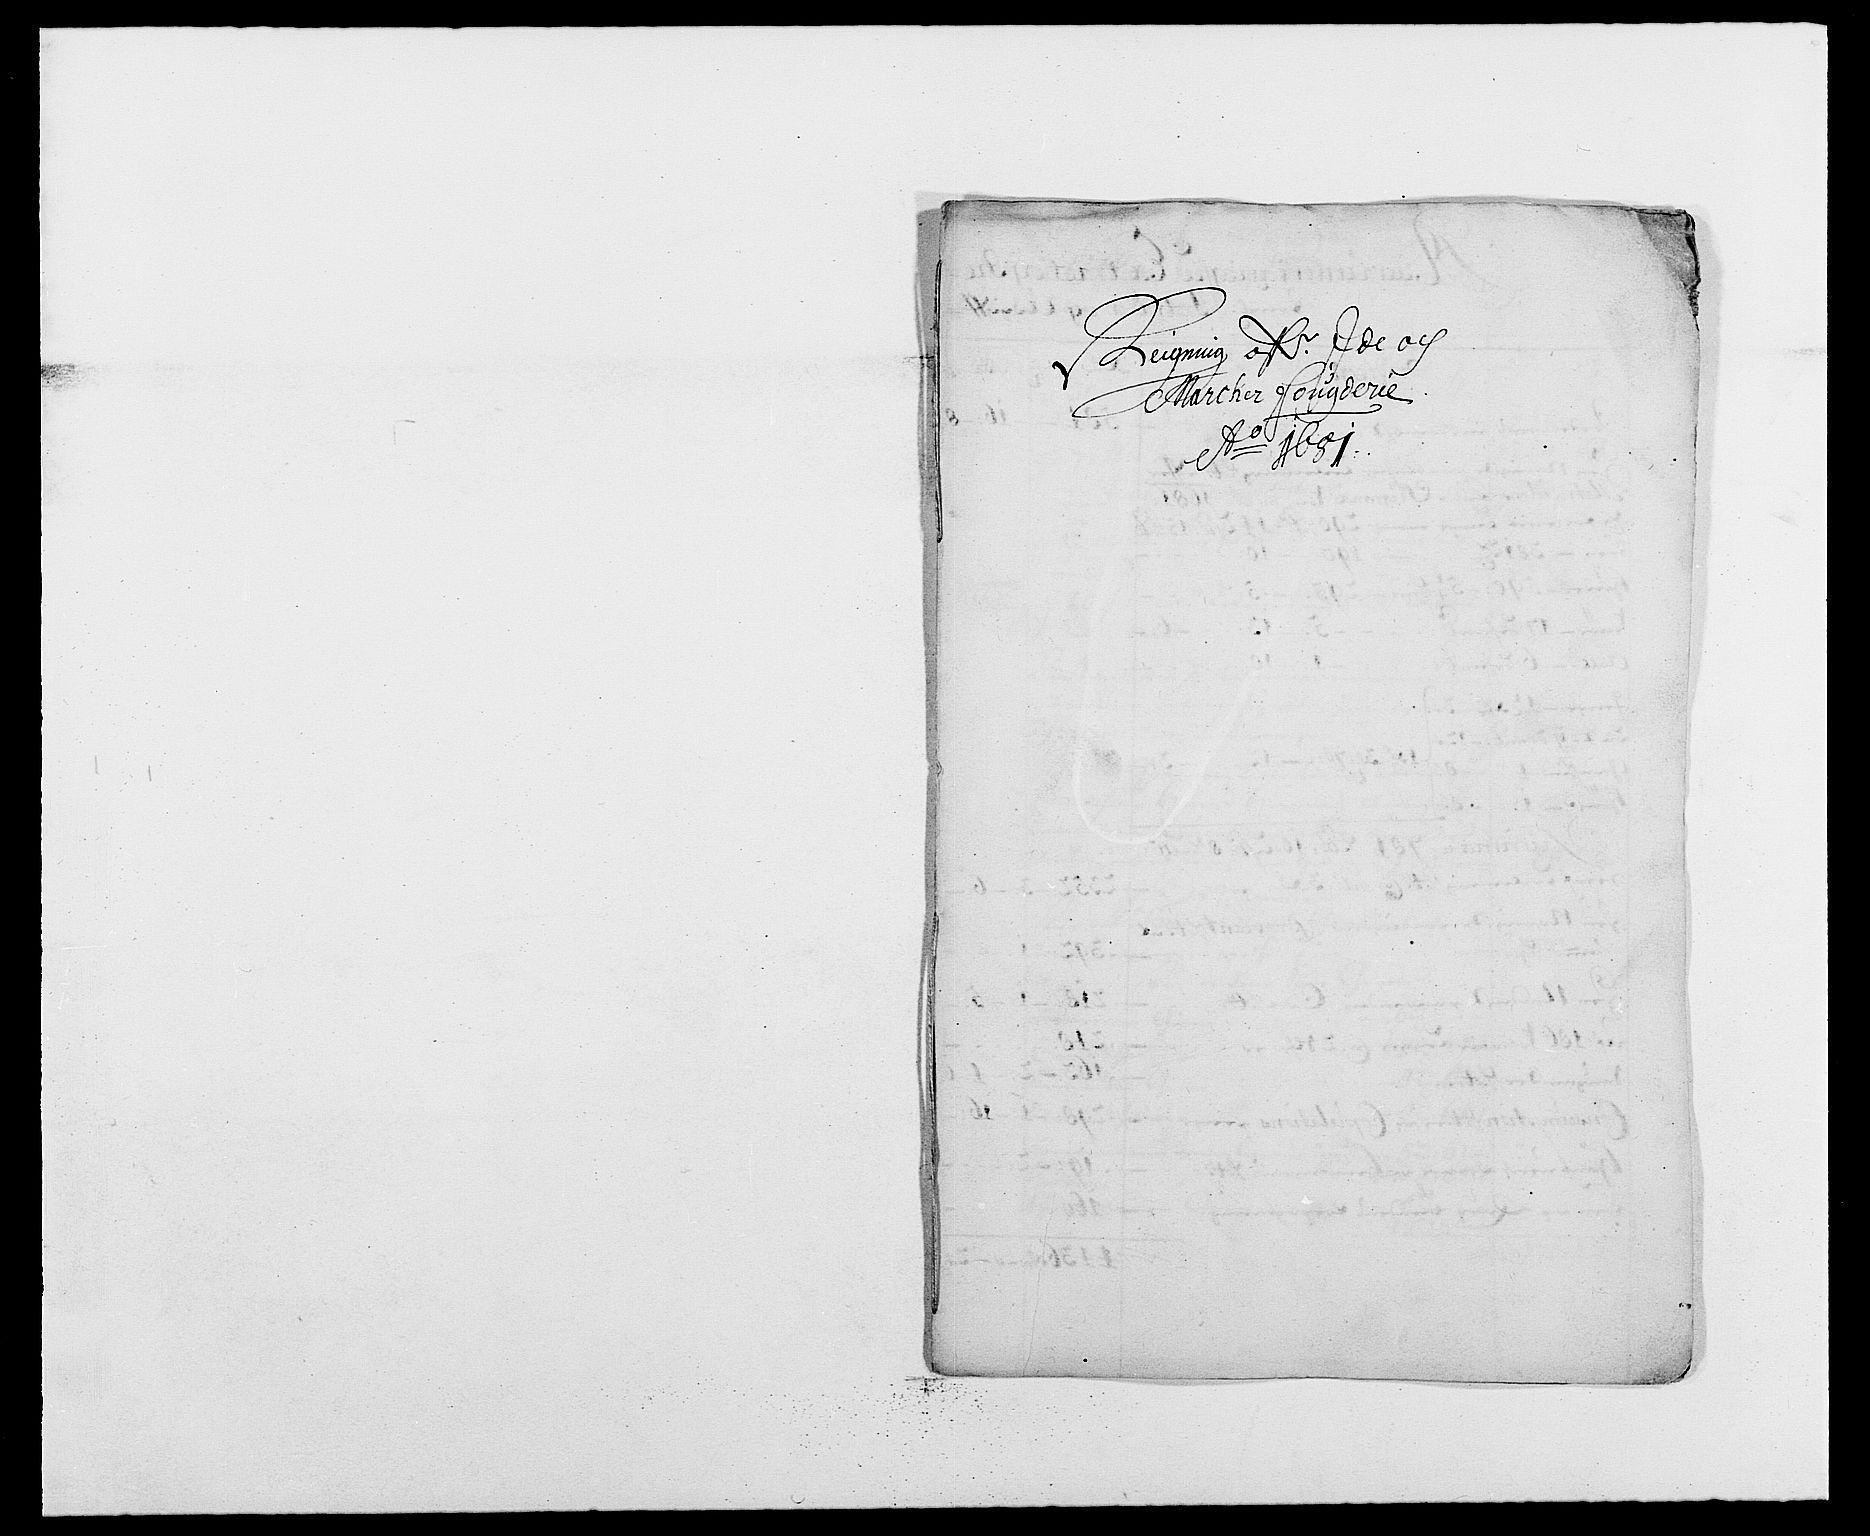 RA, Rentekammeret inntil 1814, Reviderte regnskaper, Fogderegnskap, R01/L0003: Fogderegnskap Idd og Marker, 1678-1681, s. 1